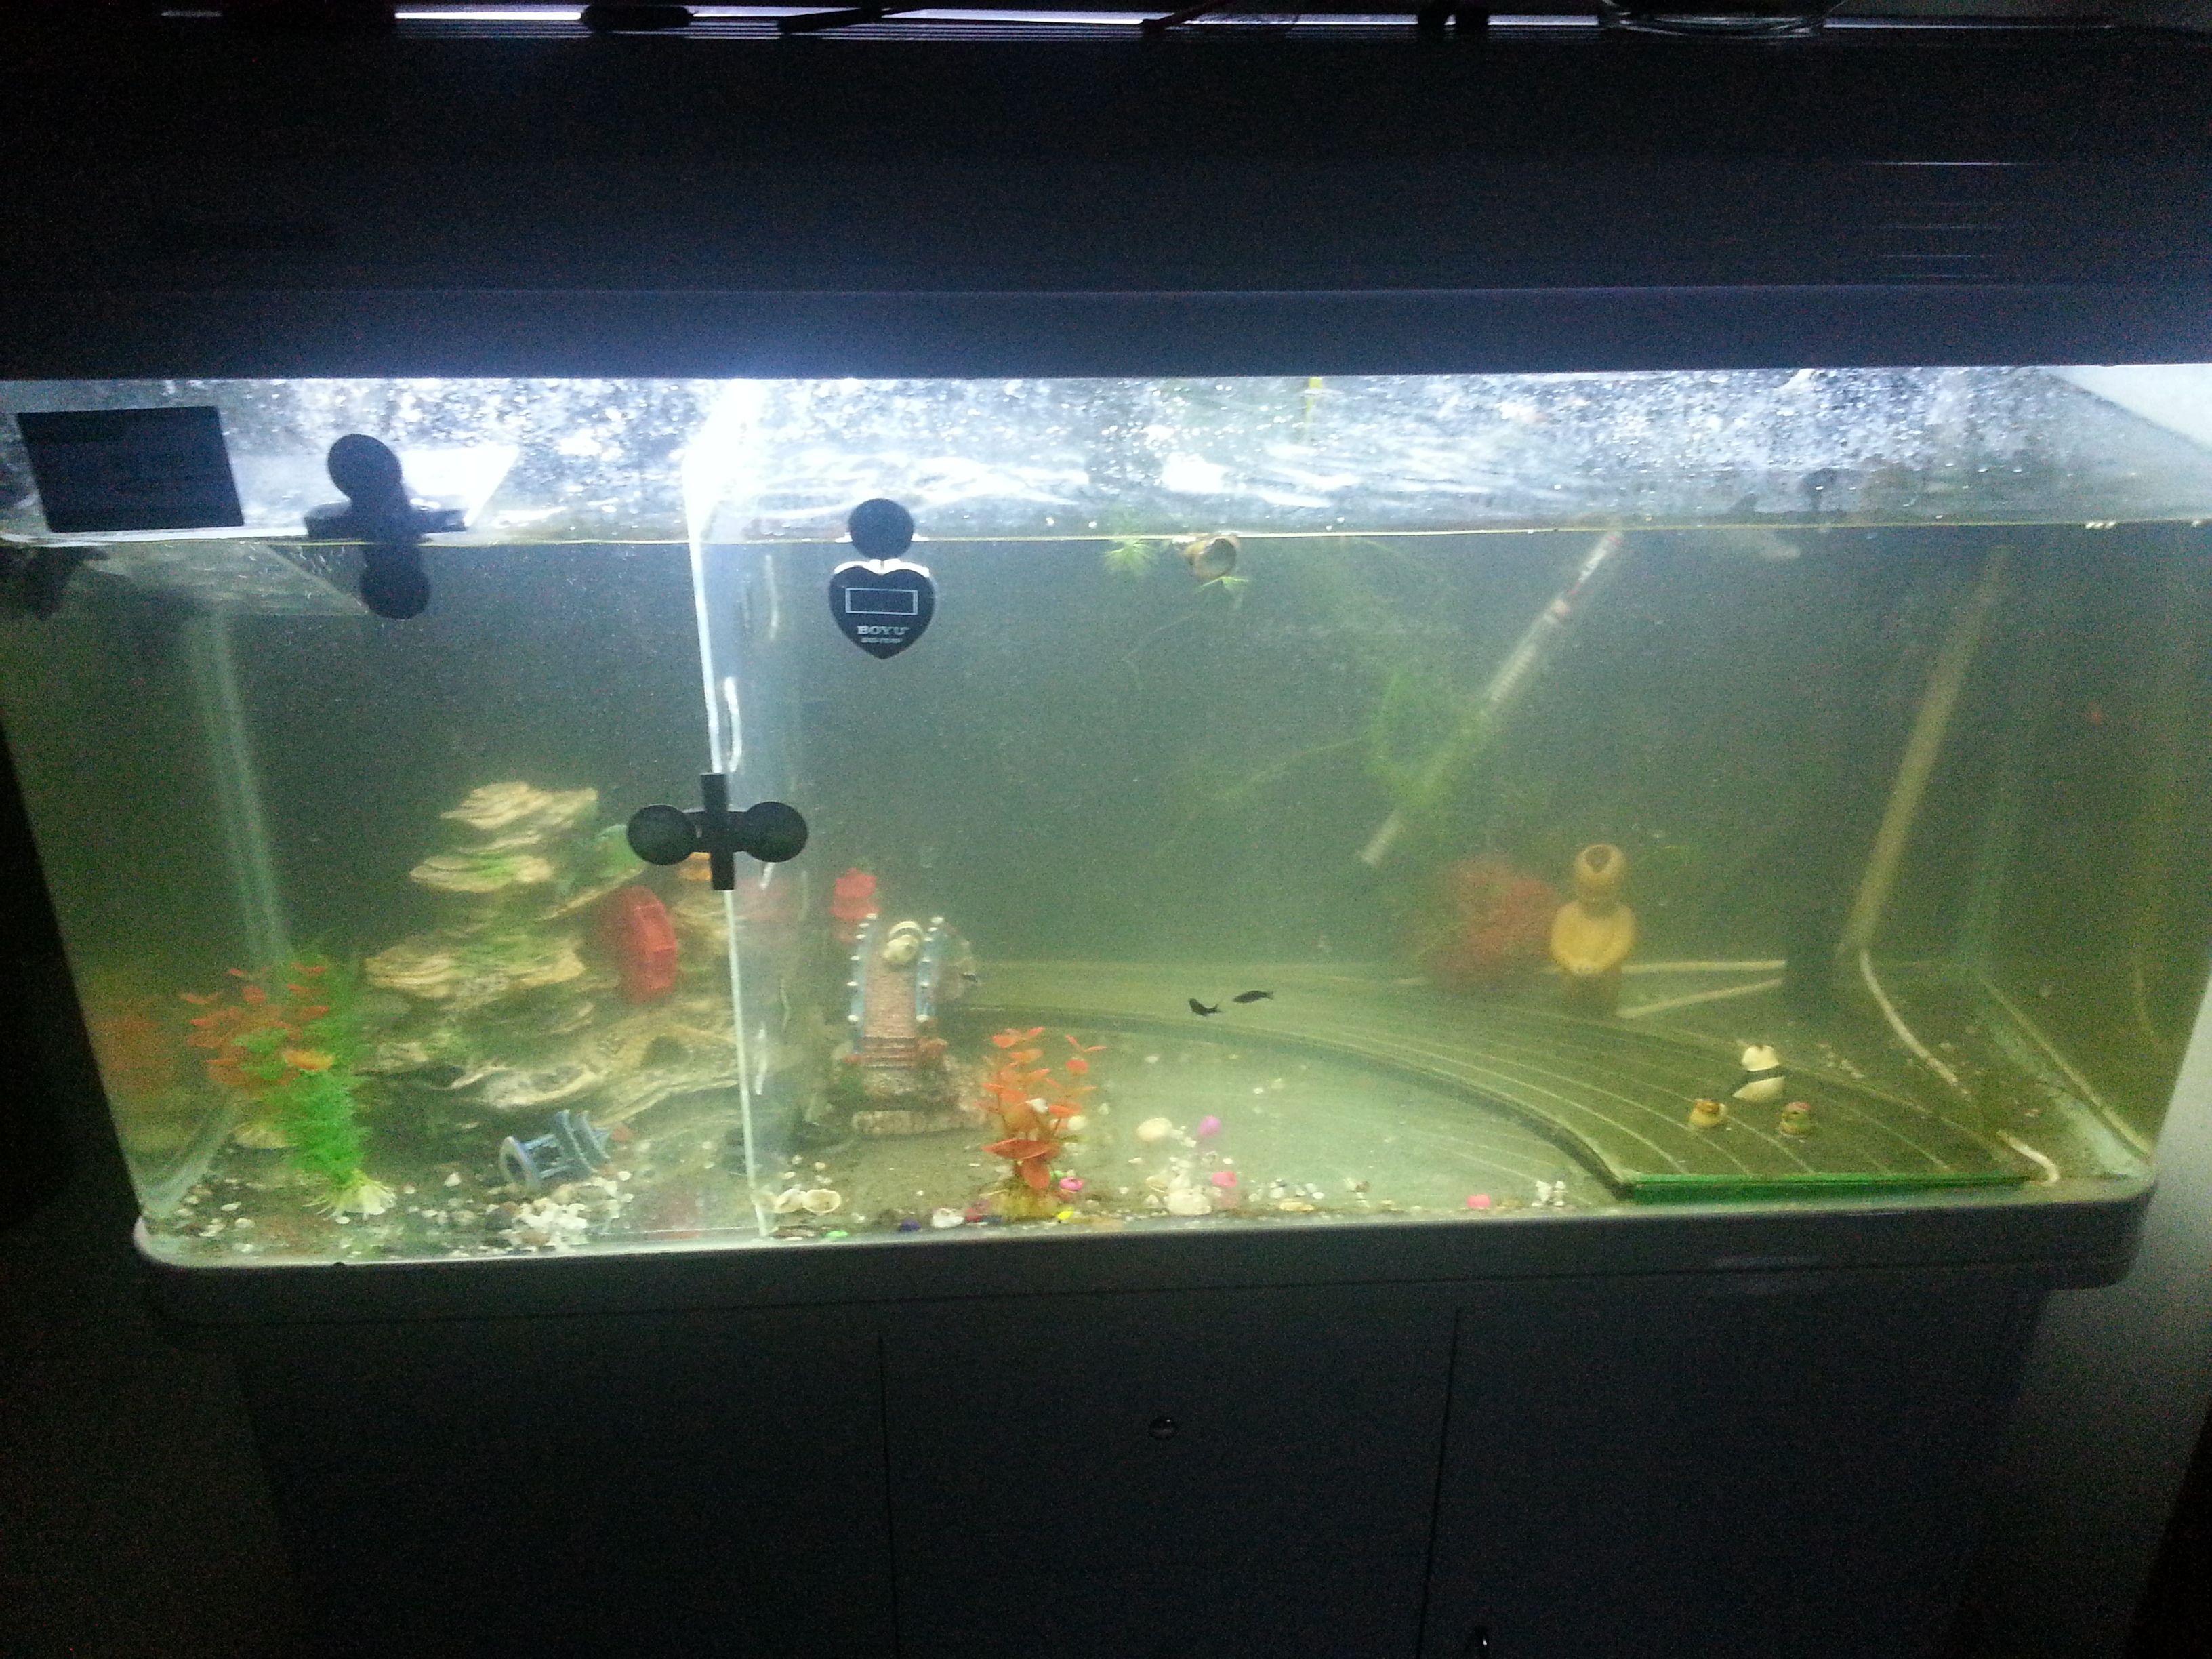 热带鱼加热棒_青苔鼠鱼和清洁工鱼哪个比较适合养在鱼缸里?_百度知道